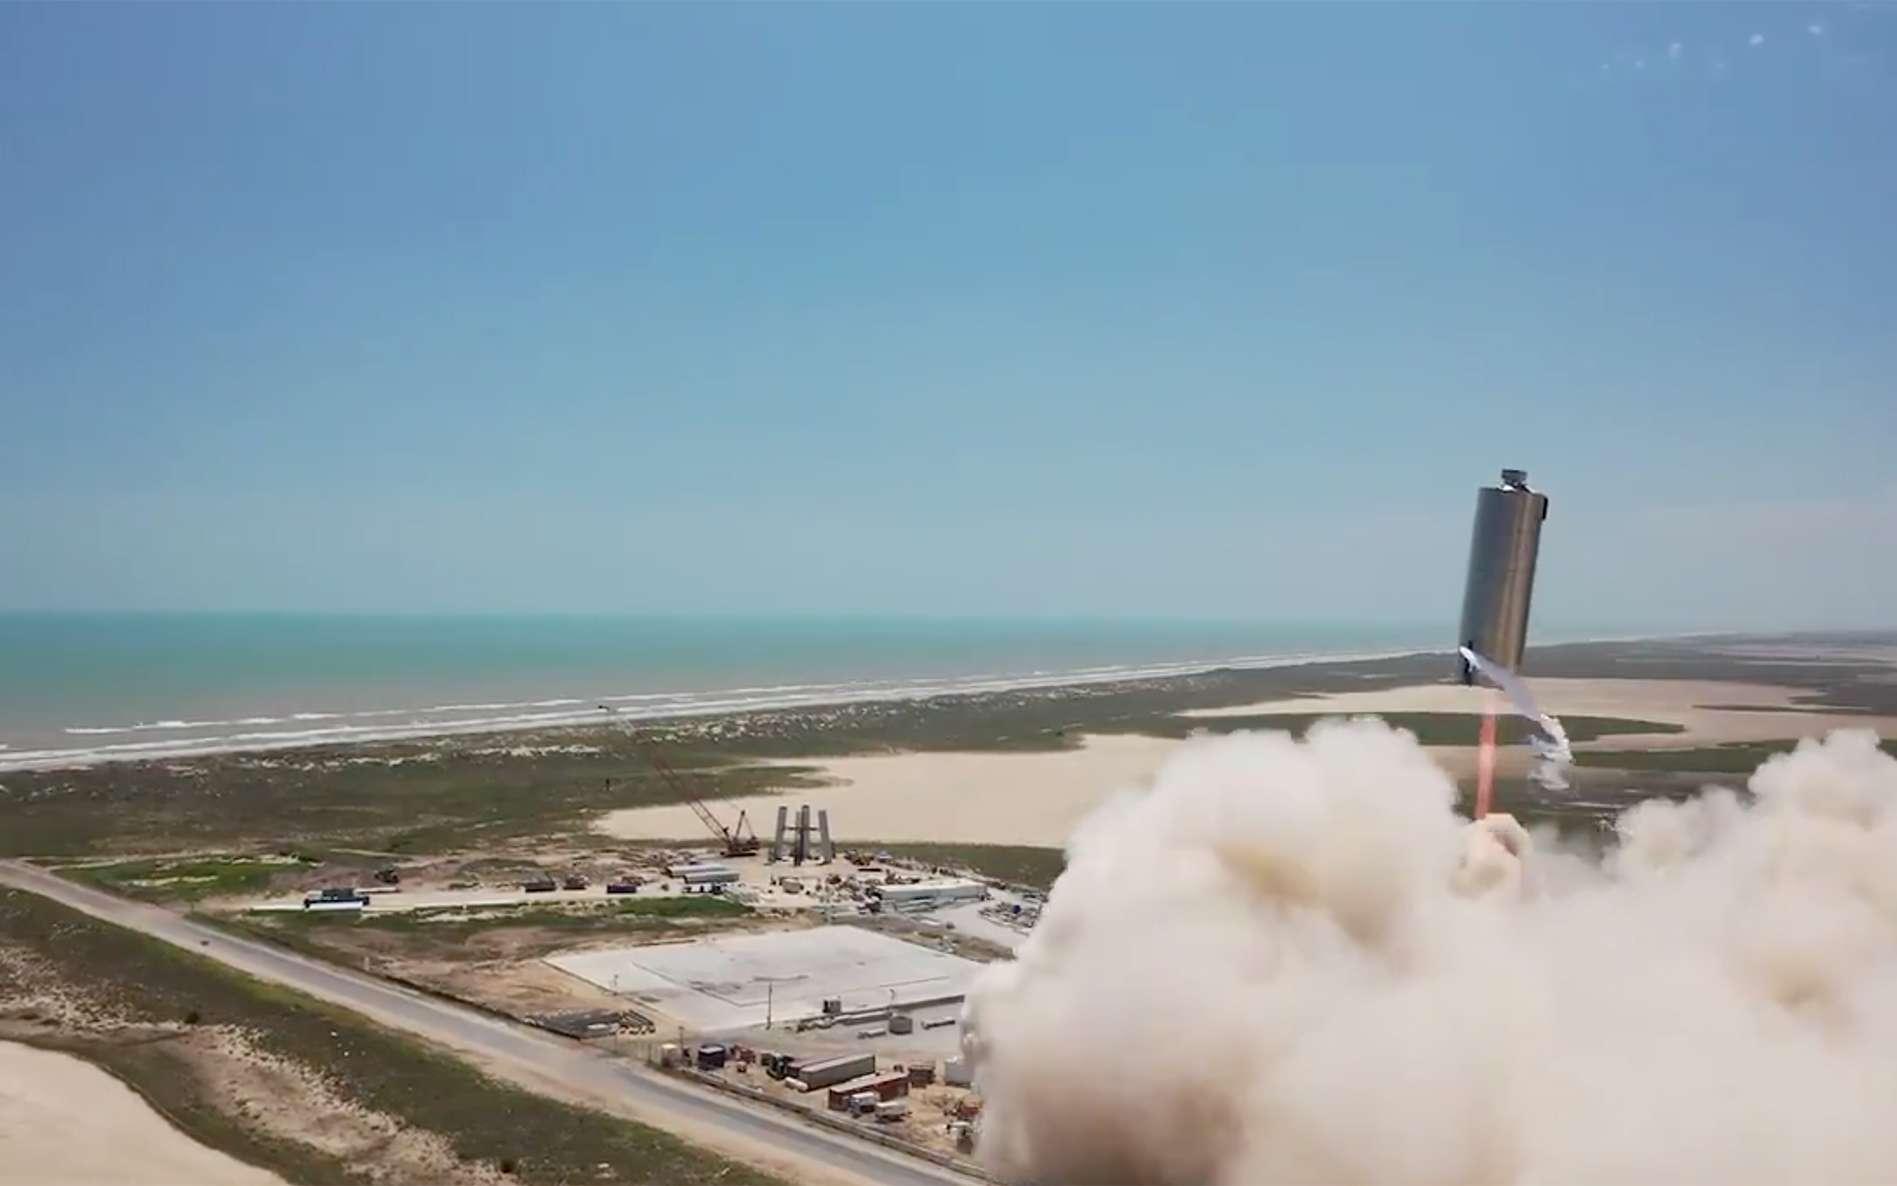 Le SN6 lors de son vol d'essai à 150 mètres de hauteur. © SpaceX